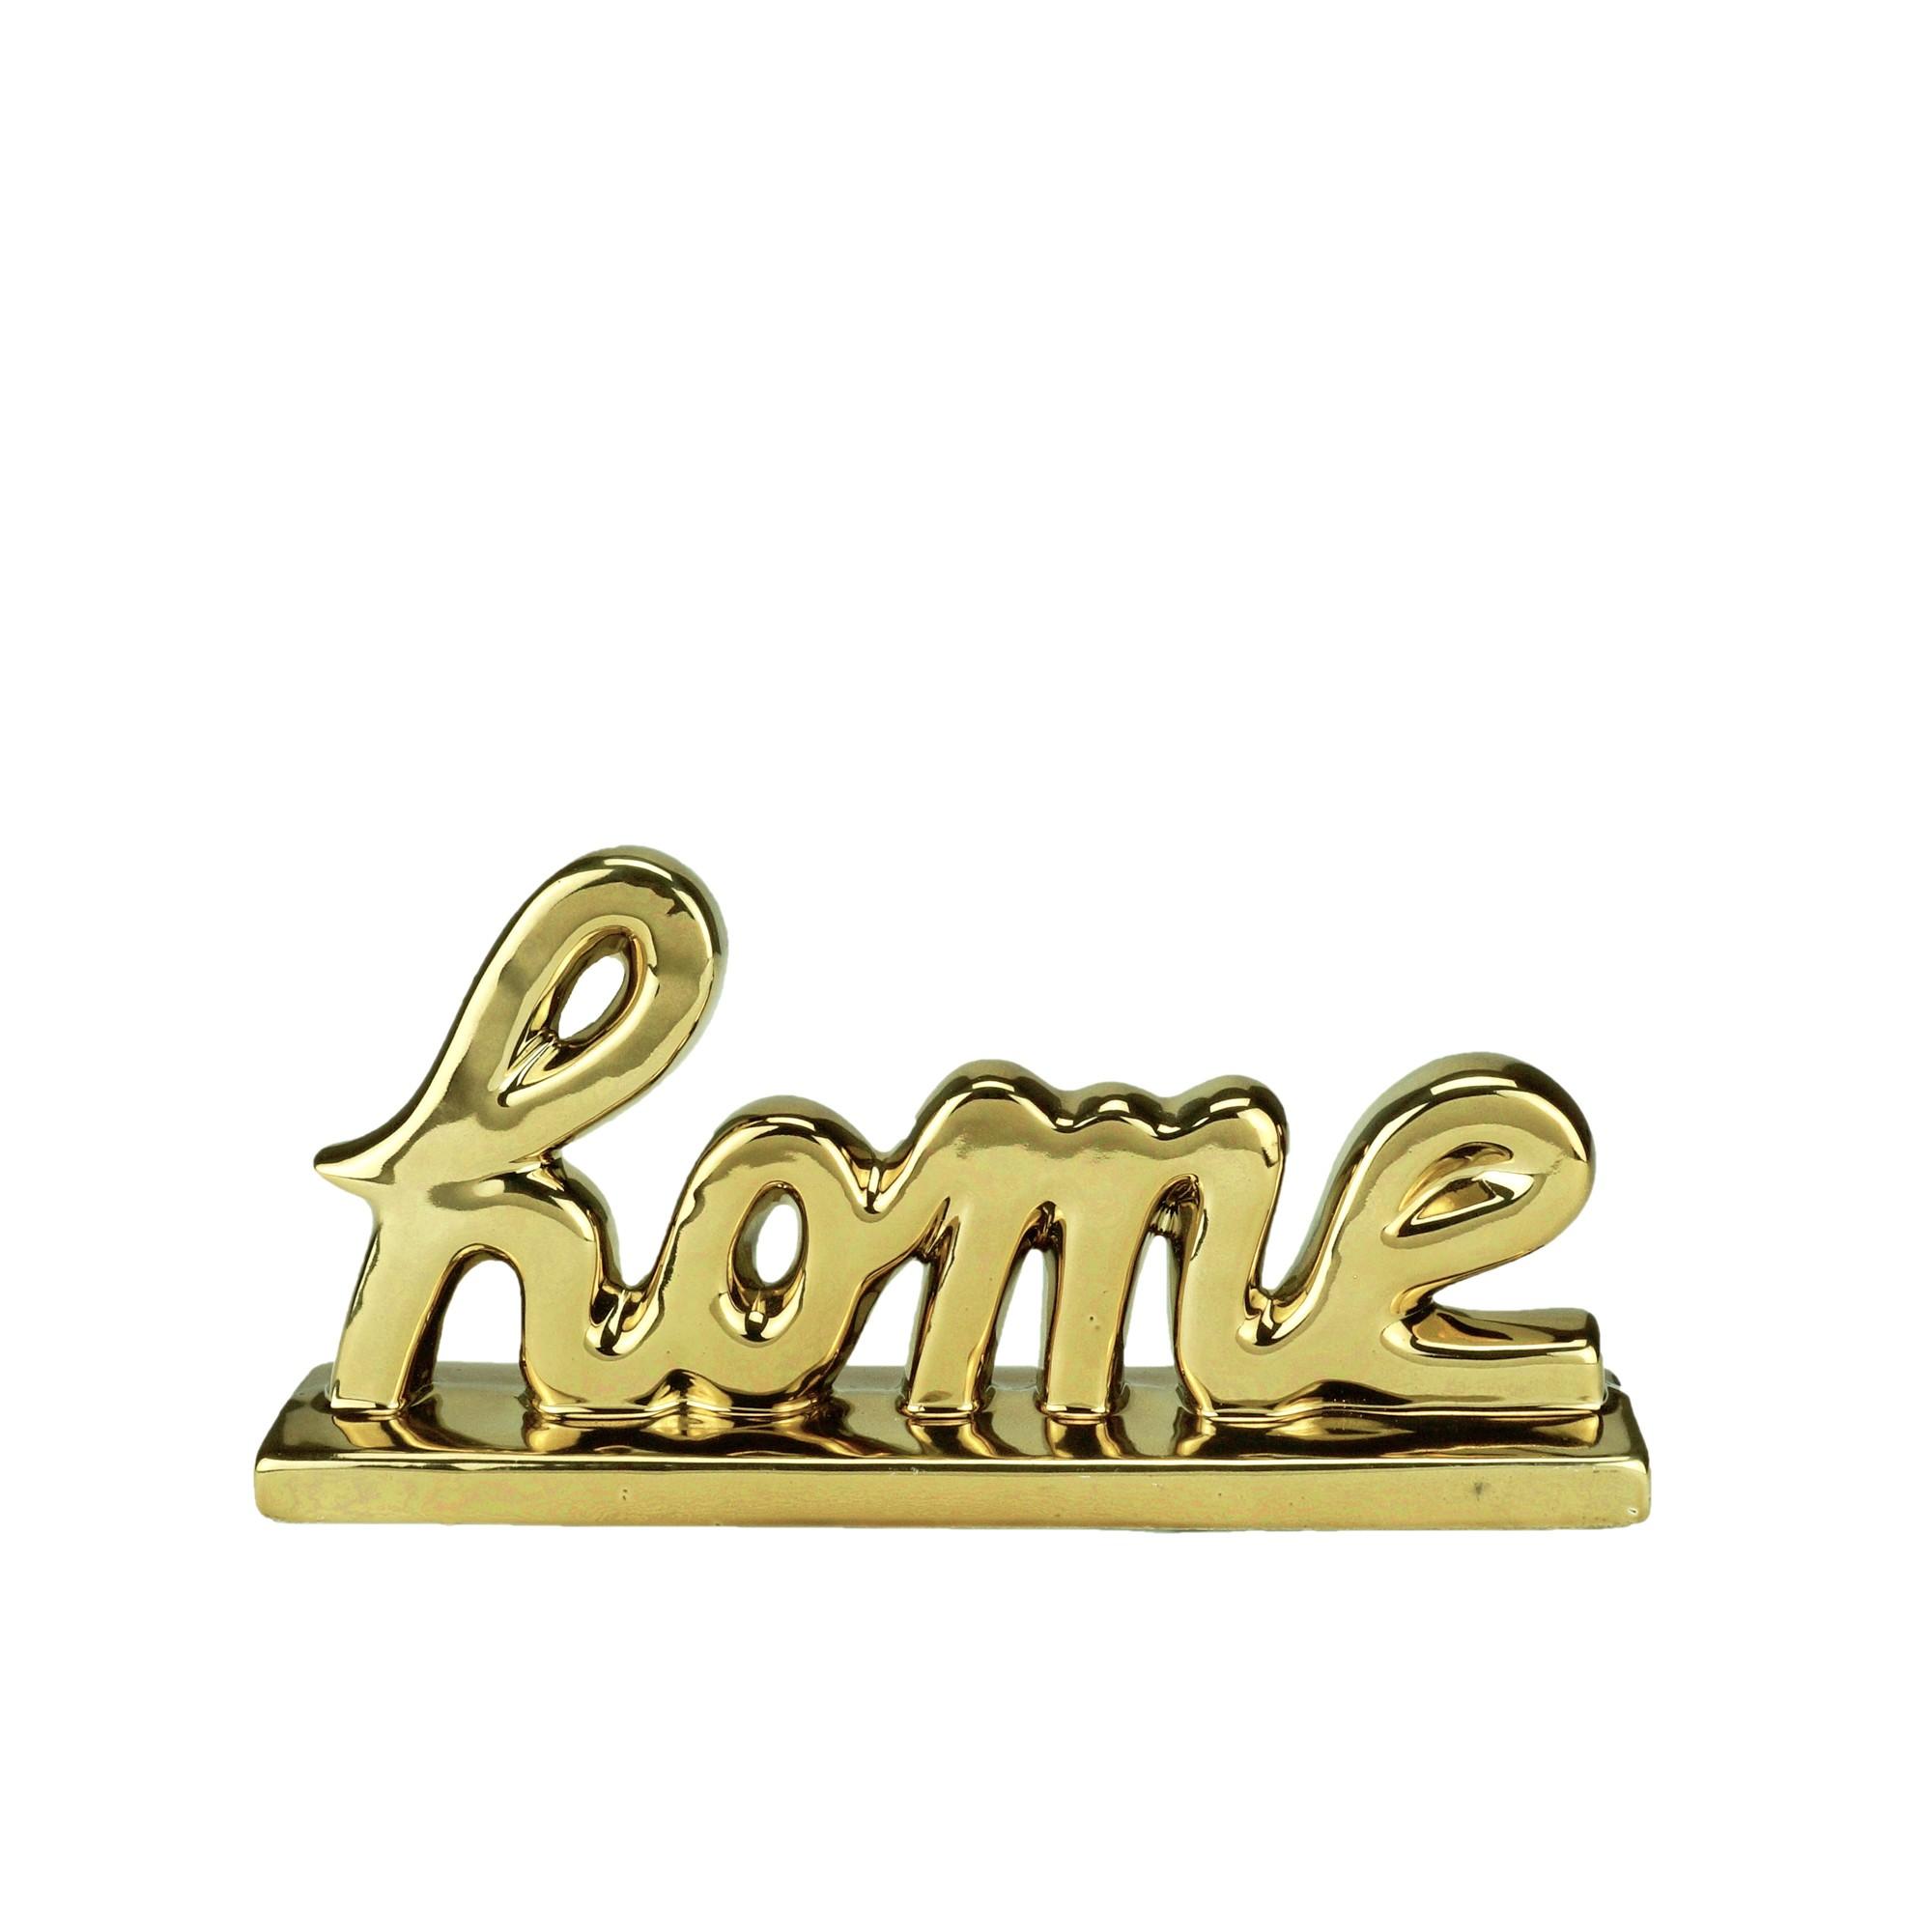 Enfeite Decorativo Porcelana Home 11cm Dourado 44370 - Urban